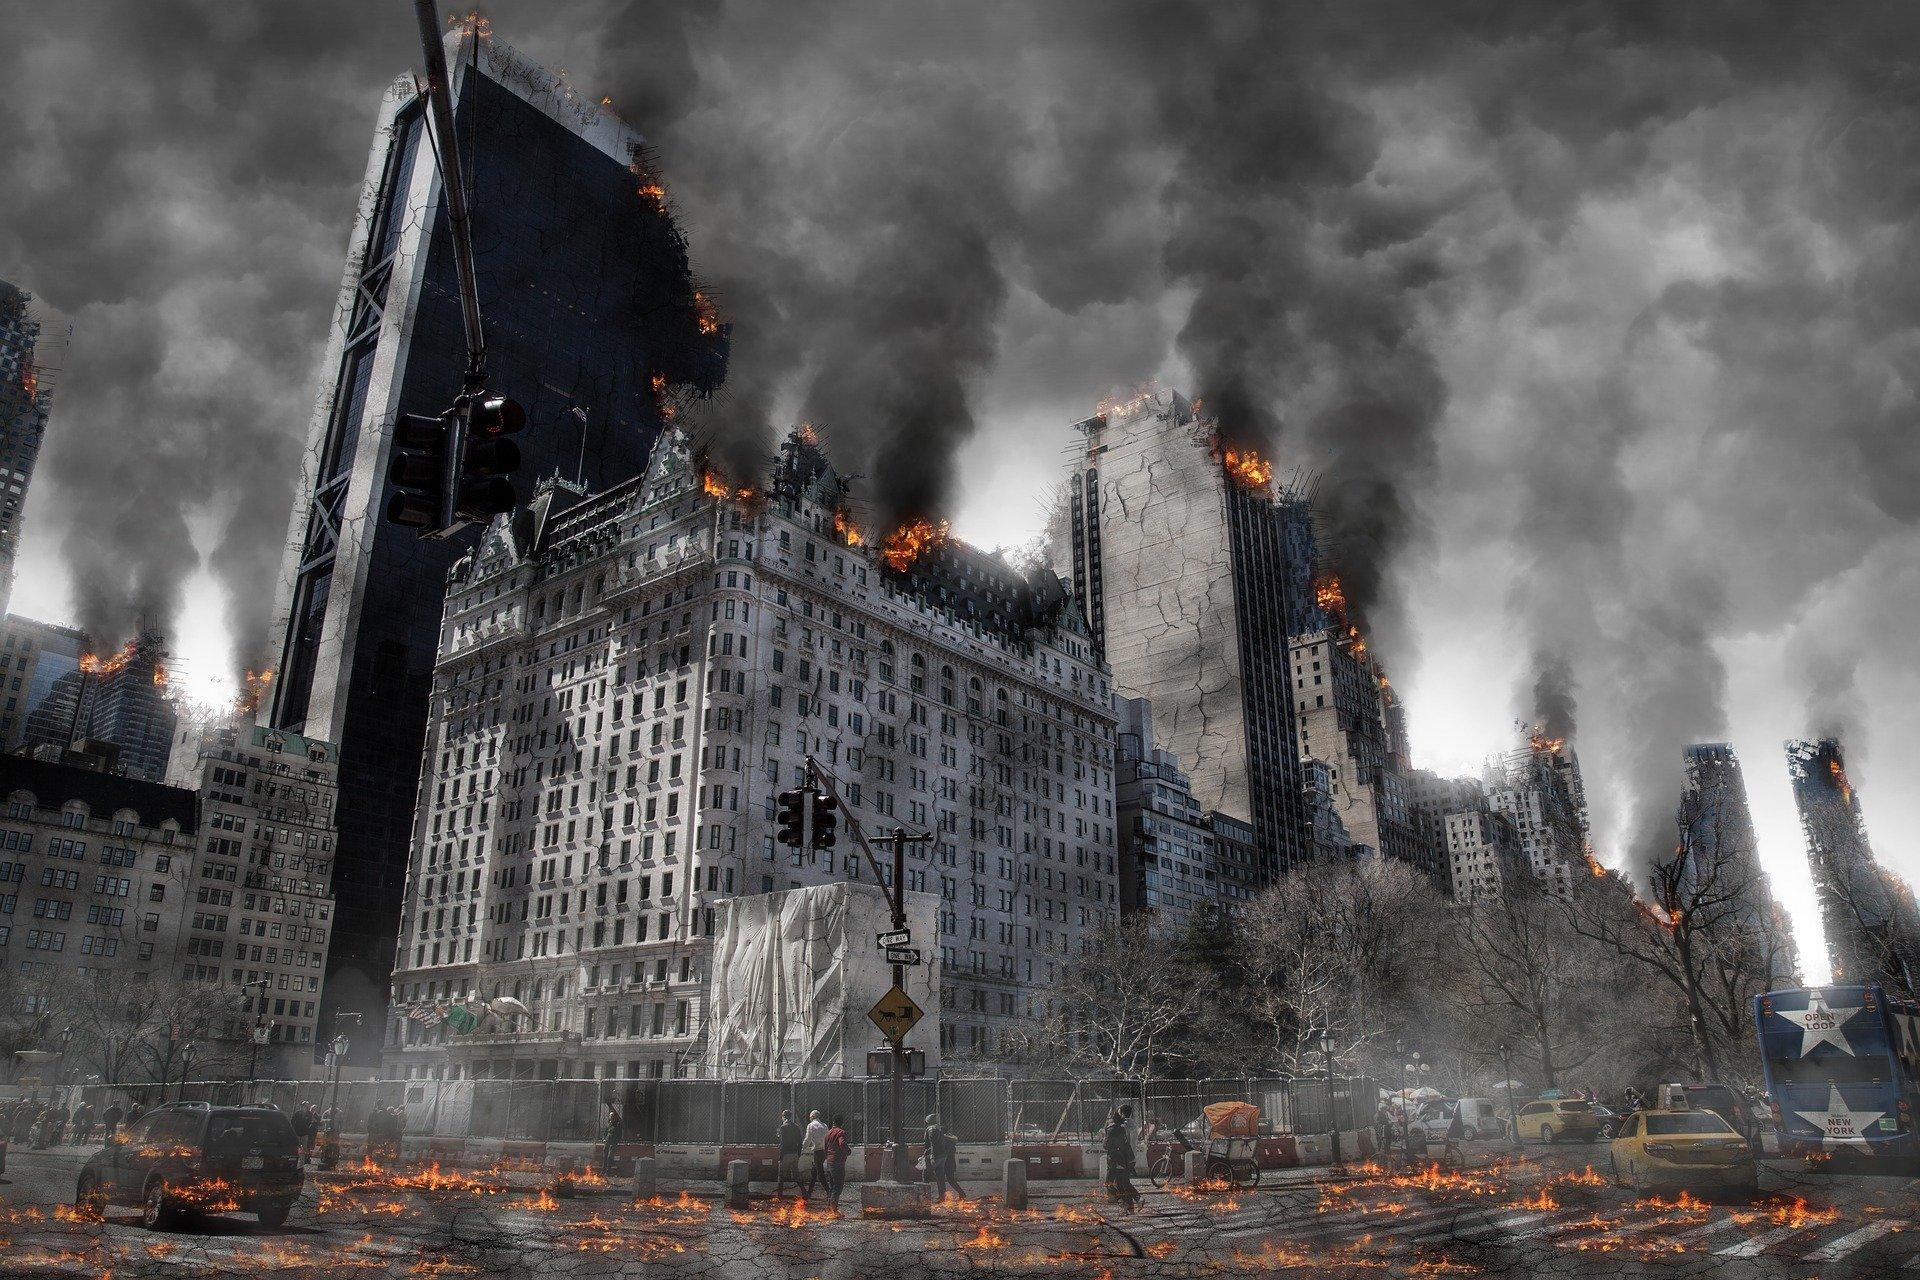 ТОП-10 нетипичных фильмов про постапокалипсис игибель всего живого